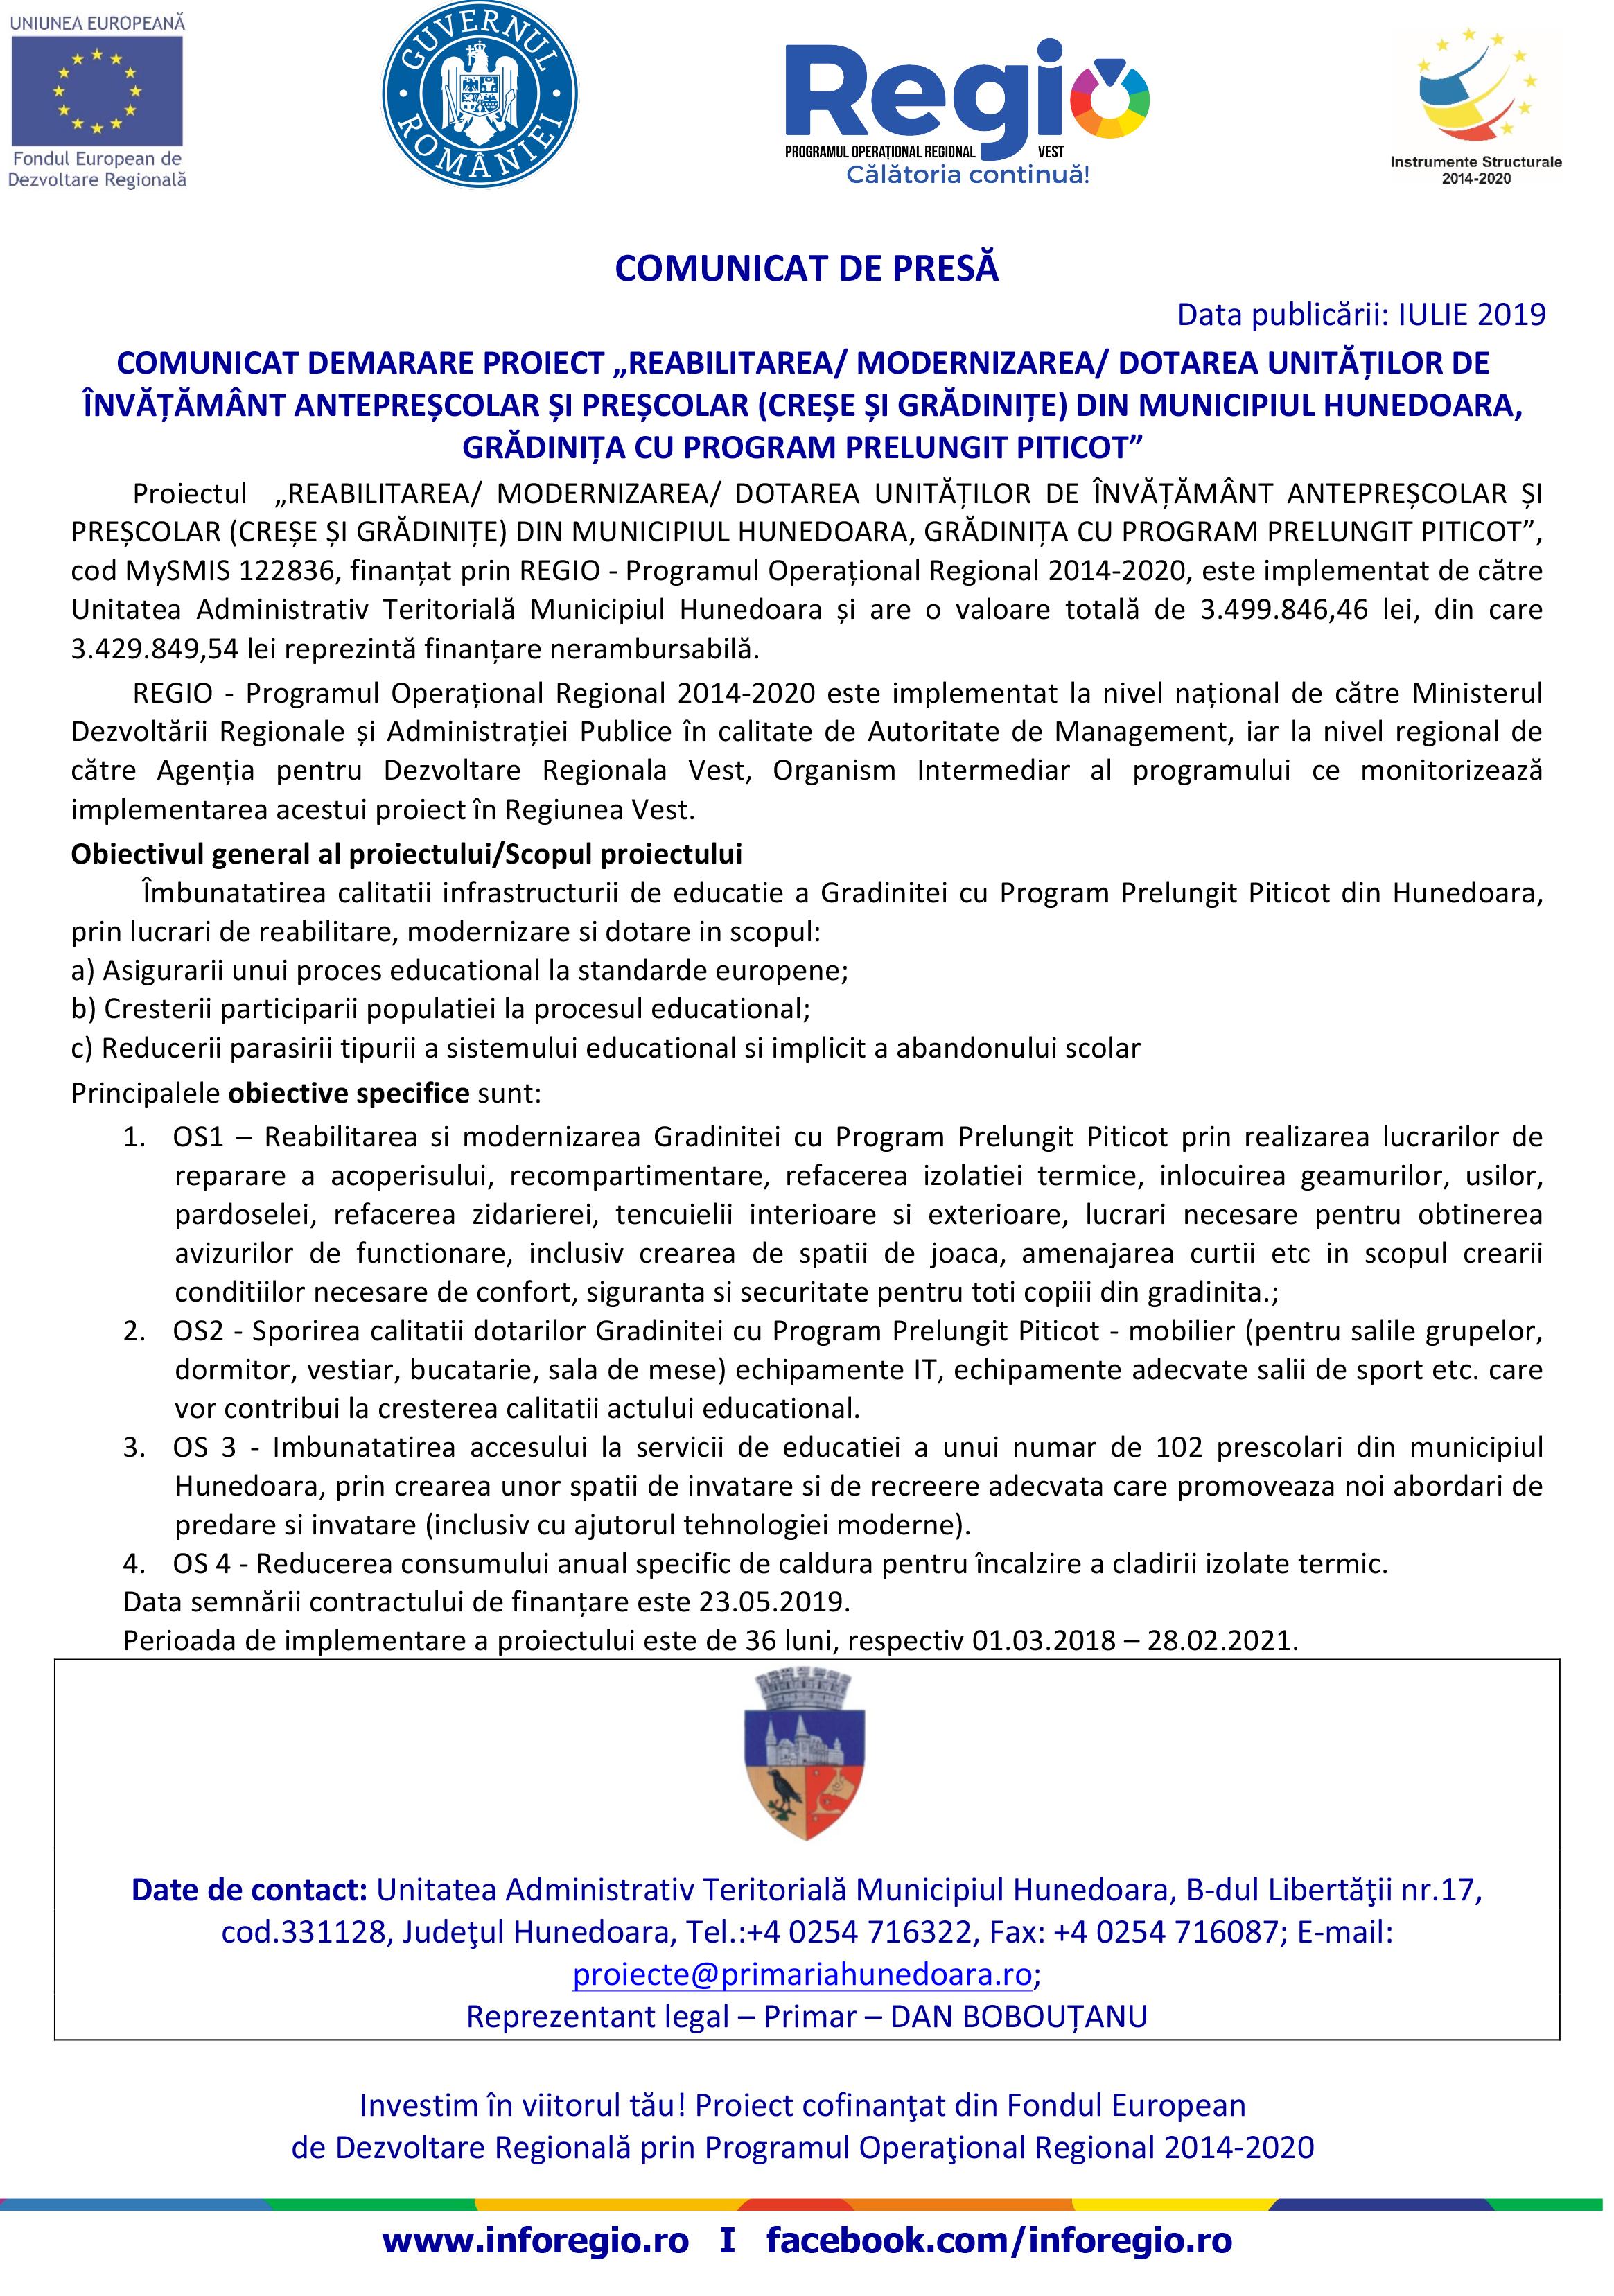 Microsoft Word - Comunicat demarare proiect gradinita.doc